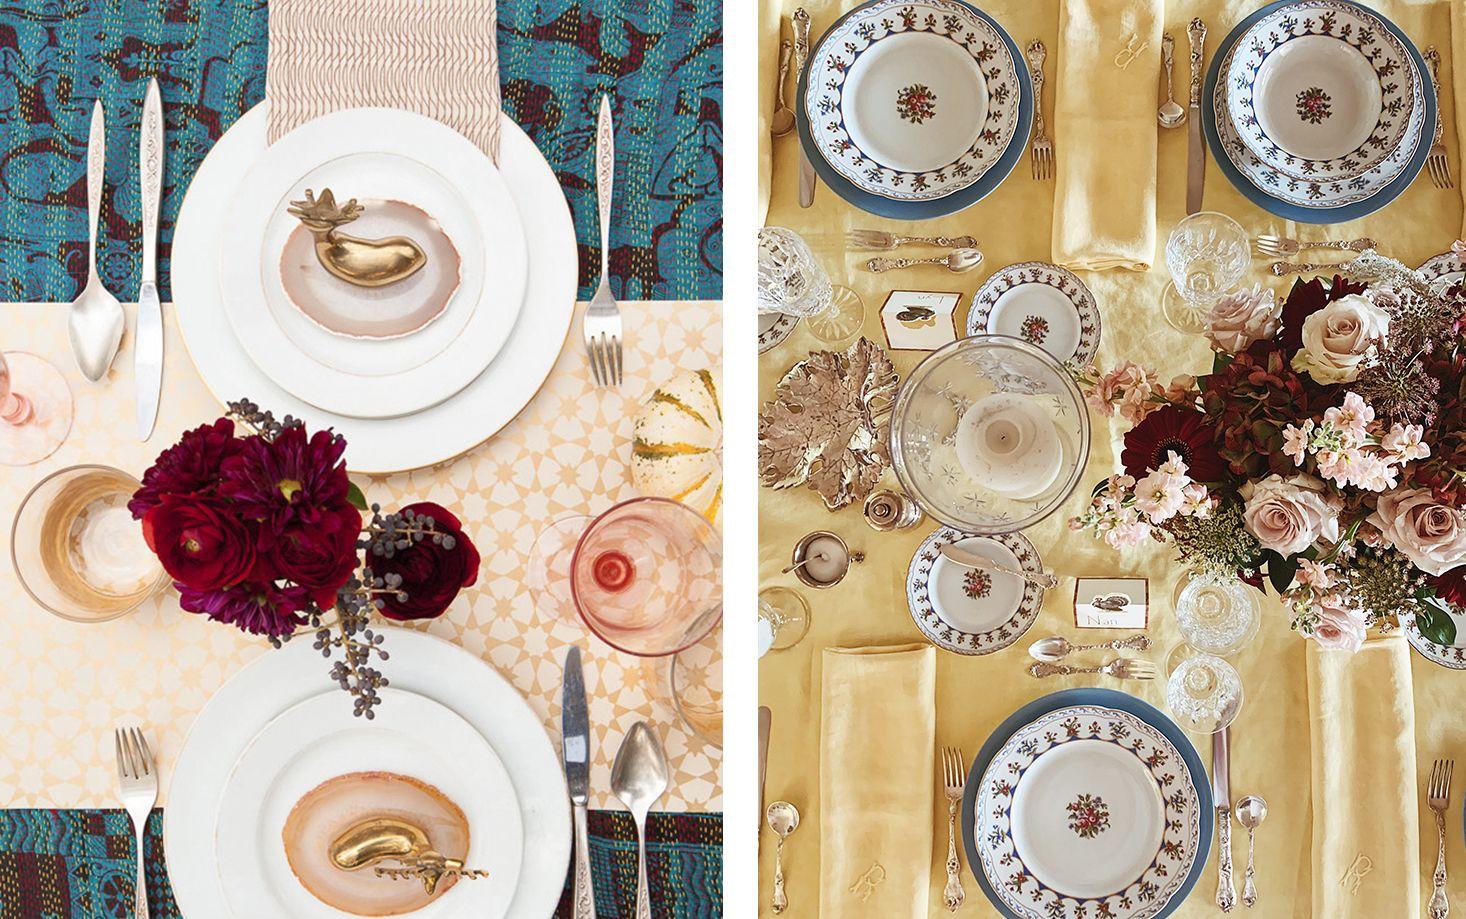 35 Thanksgiving Centerpiece Ideas Unique Thanksgiving Centerpieces